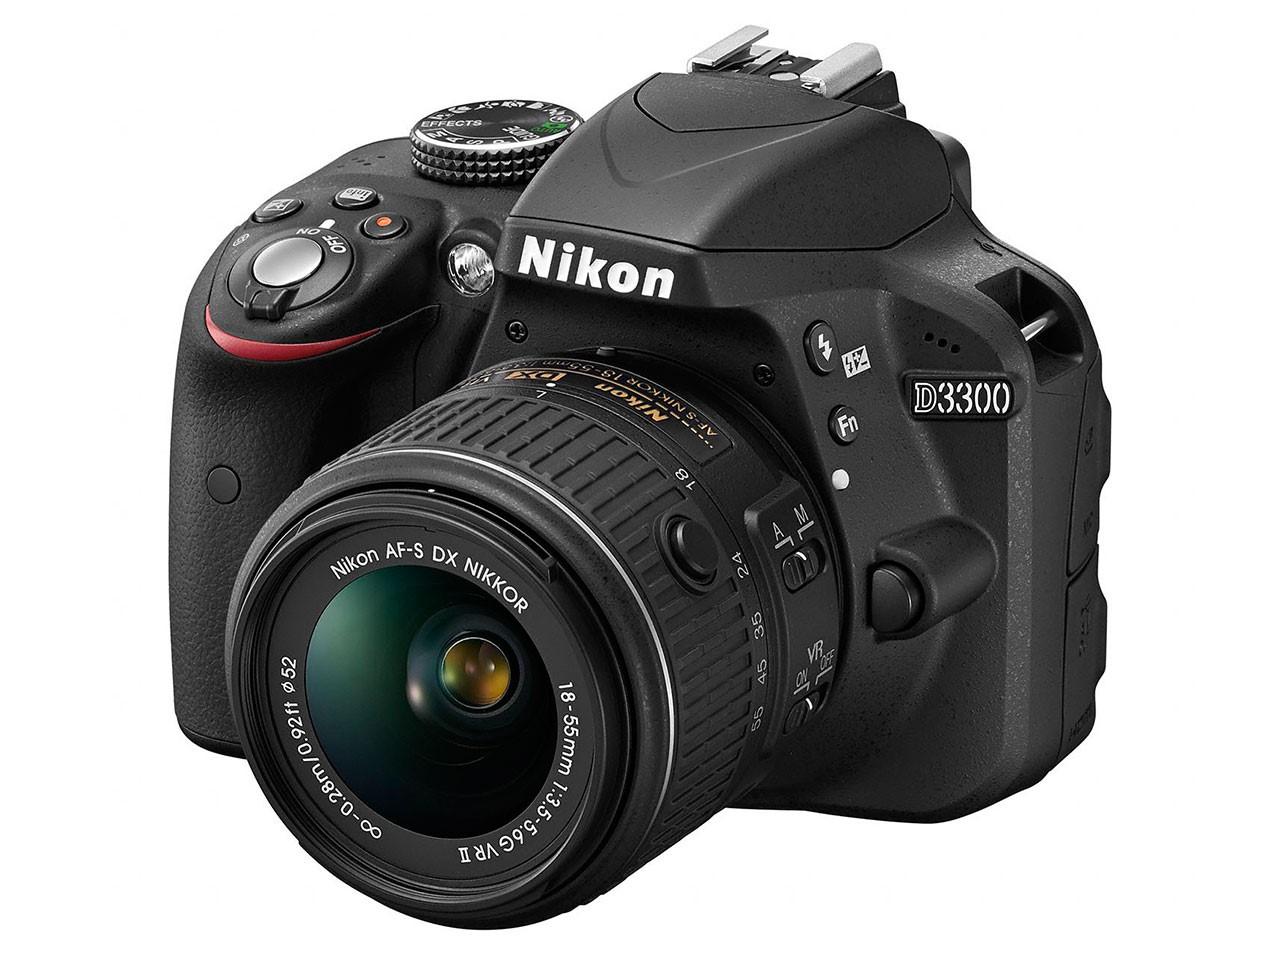 Bemutatták a Nikon D3300-at új kitobjektívvel és a Nikon 35mm-es nagylátóját